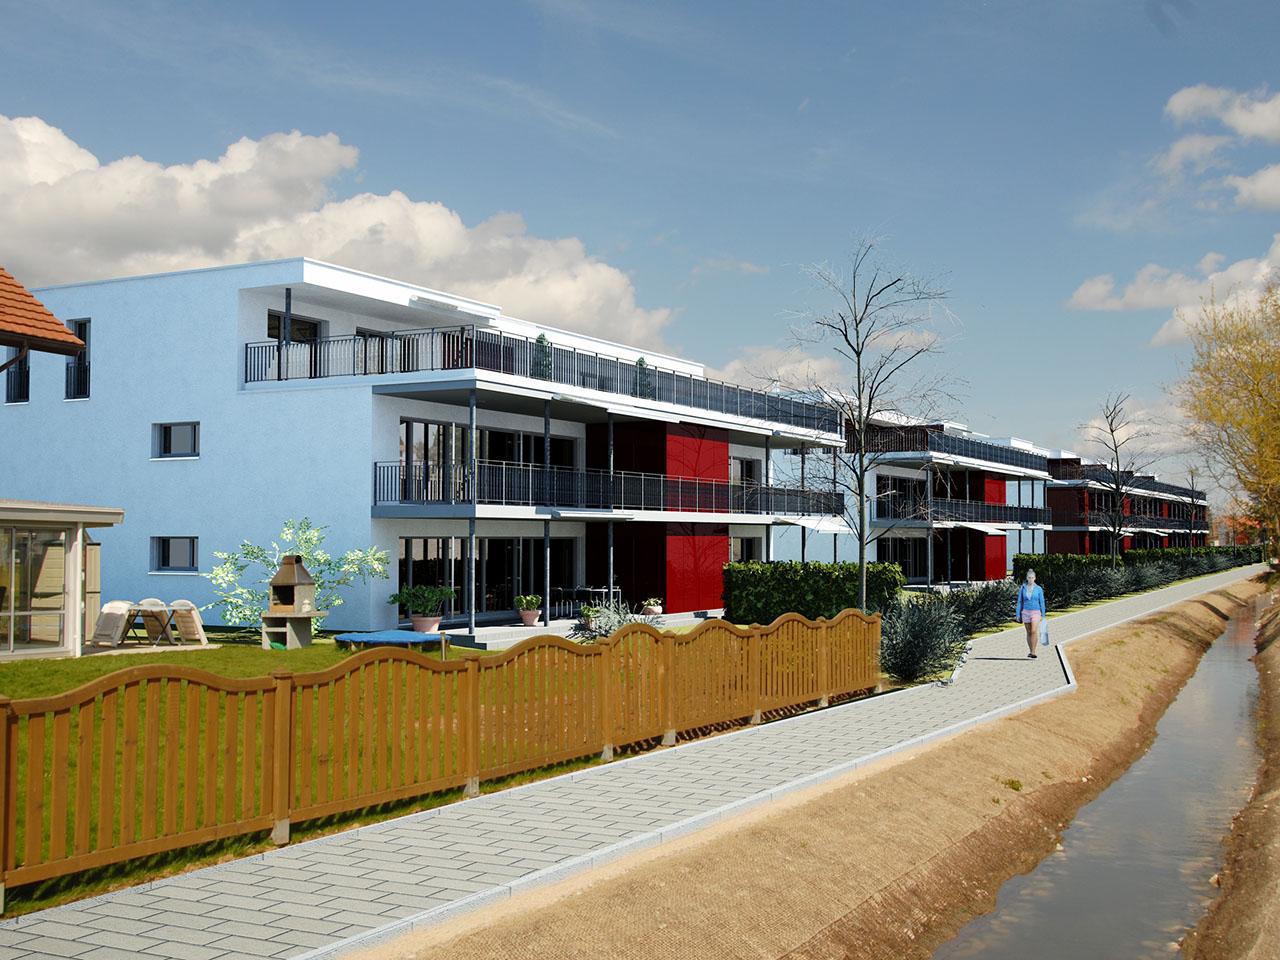 laubhus-architektur-wohnueberbauung-kappel